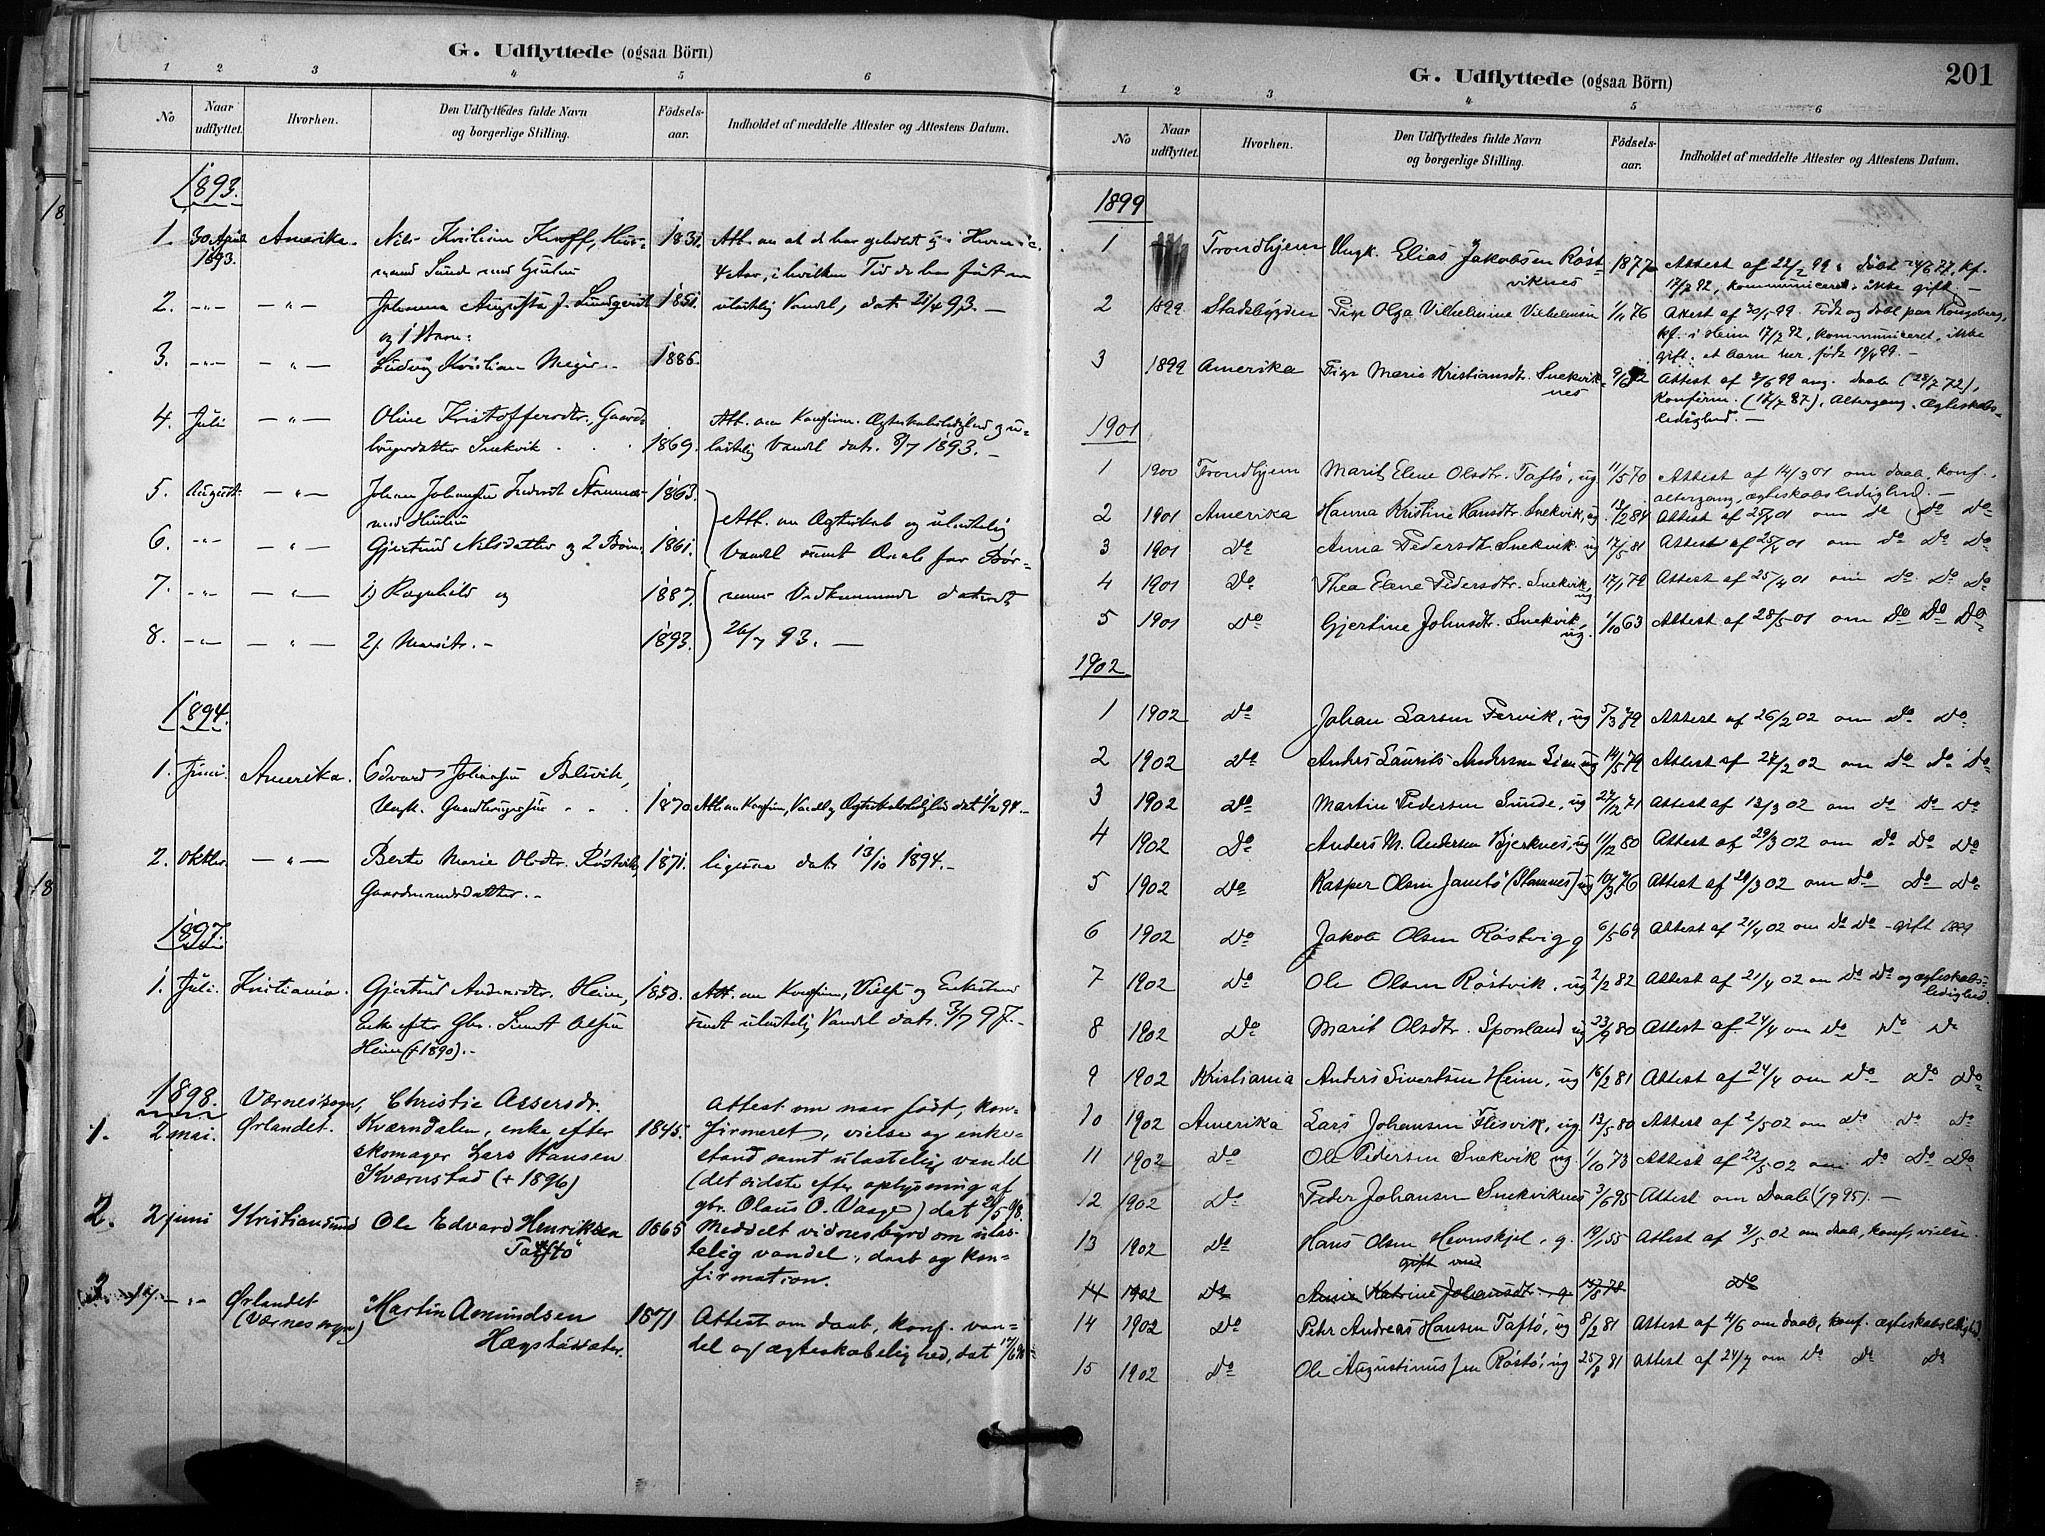 SAT, Ministerialprotokoller, klokkerbøker og fødselsregistre - Sør-Trøndelag, 633/L0518: Ministerialbok nr. 633A01, 1884-1906, s. 201